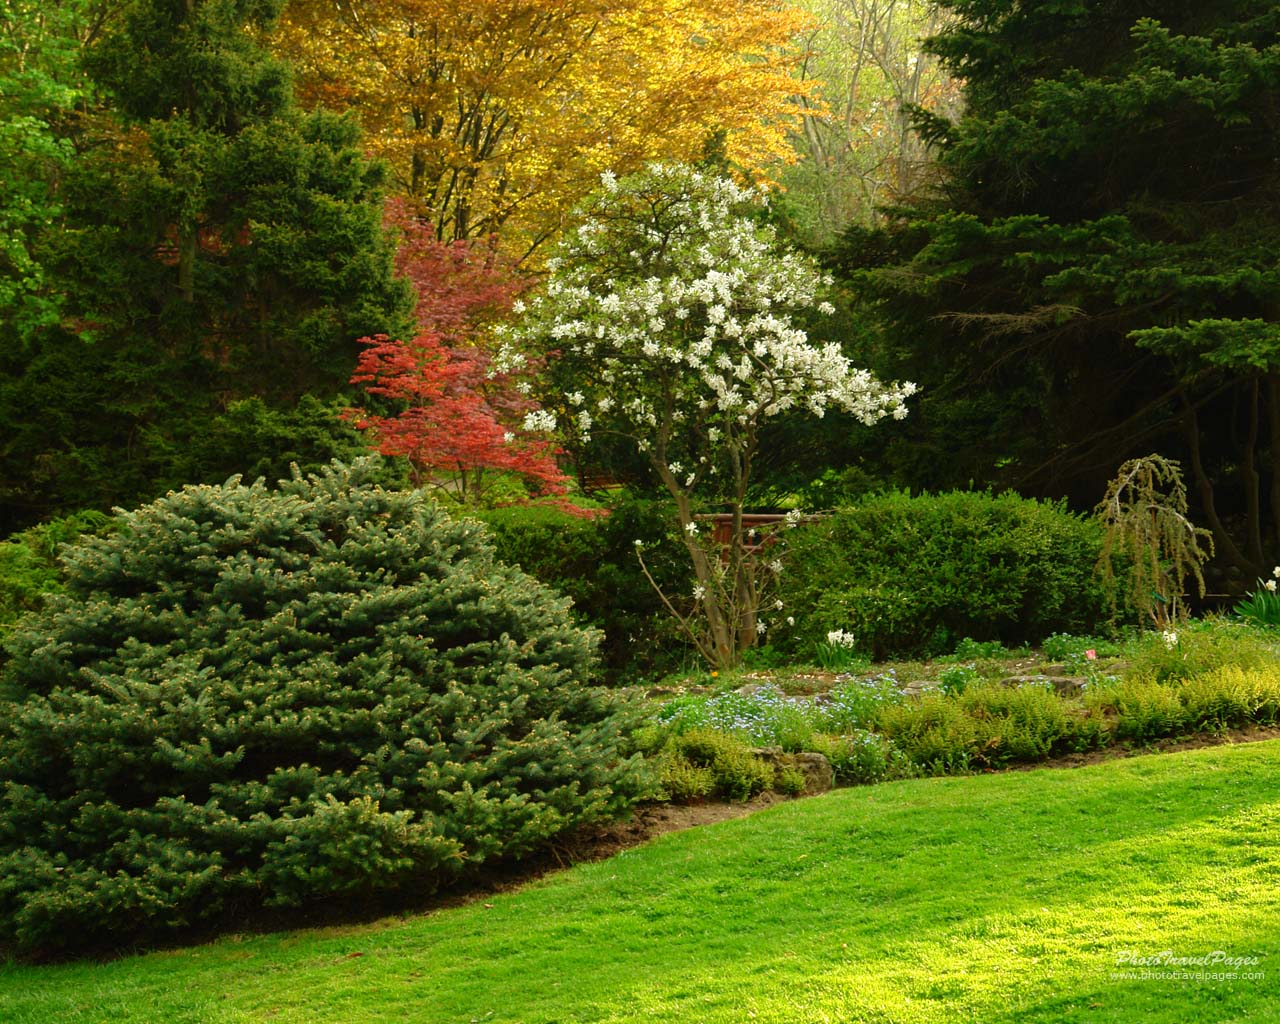 Wallpaper Dinding Pemandangan 3d Foto Foto Kebun Bunga Yang Indah